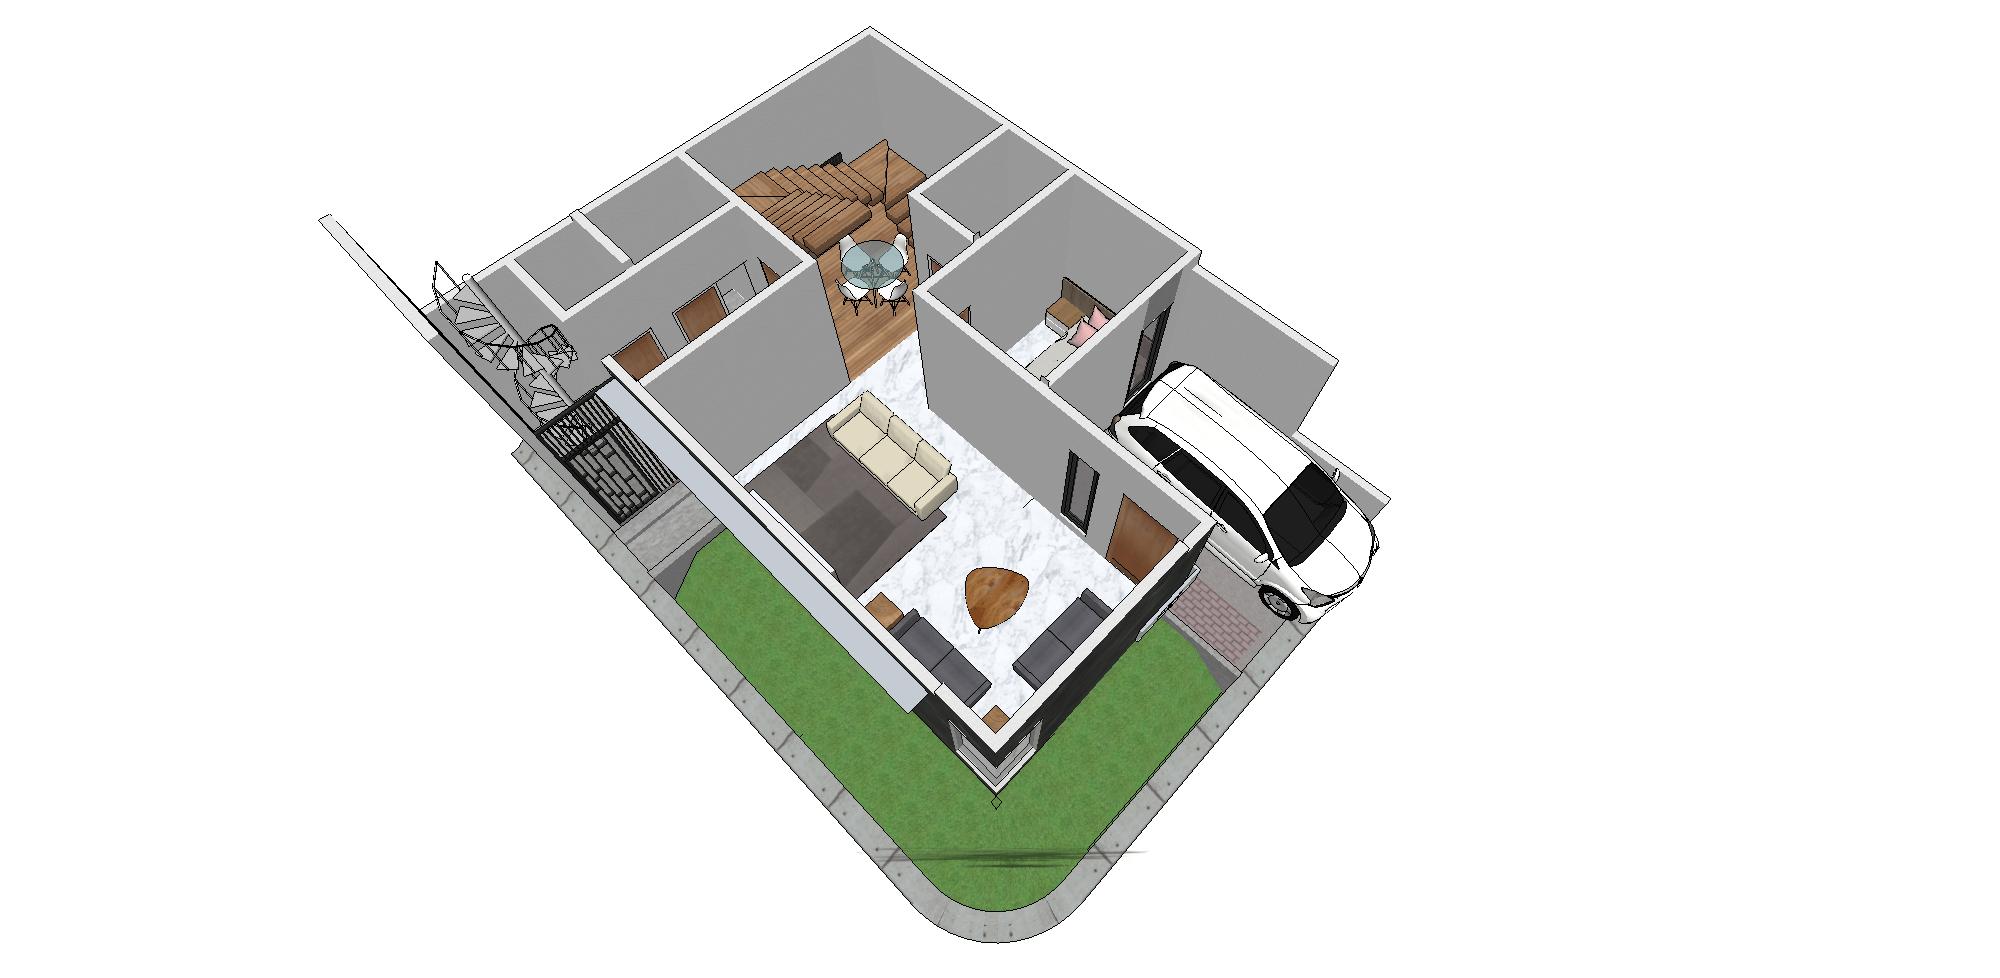 Zigzag Architecture Studio C House - Karawaci Karawaci, Kota Tangerang, Banten, Indonesia Karawaci, Kota Tangerang, Banten, Indonesia Zigzag-Architecture-Studio-C-House-Karawaci  59738